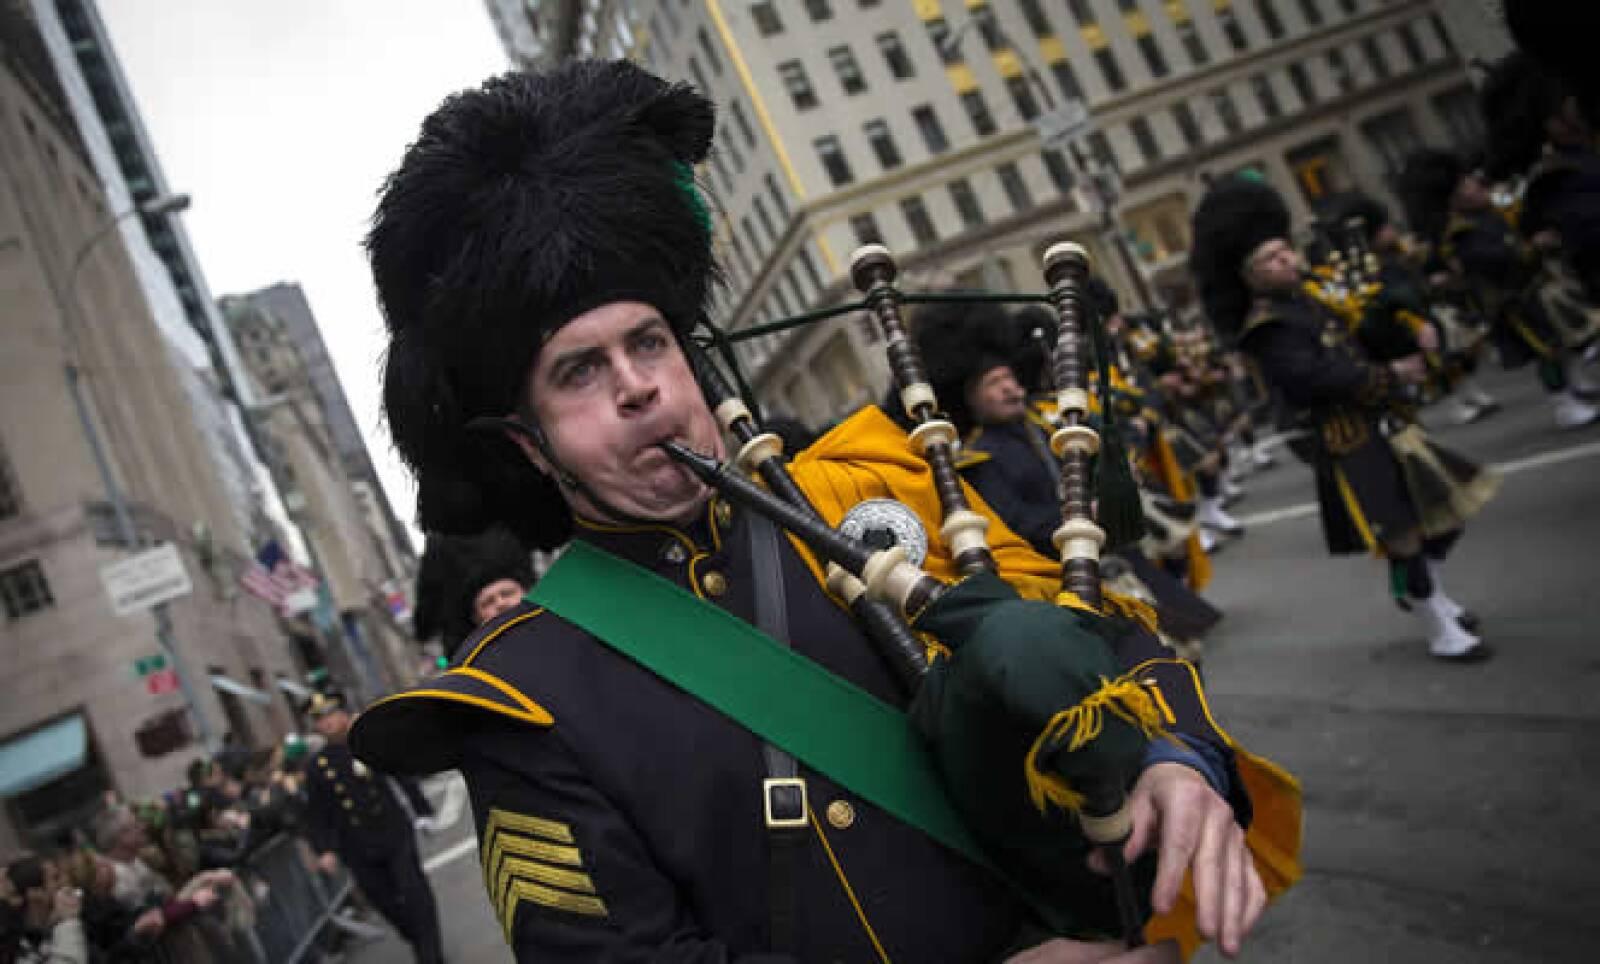 Un gaitero le pone más color al desfile de Nueva York para recordar a San  Patricio, quien usó un trébol para explicar la santísima trinidad.